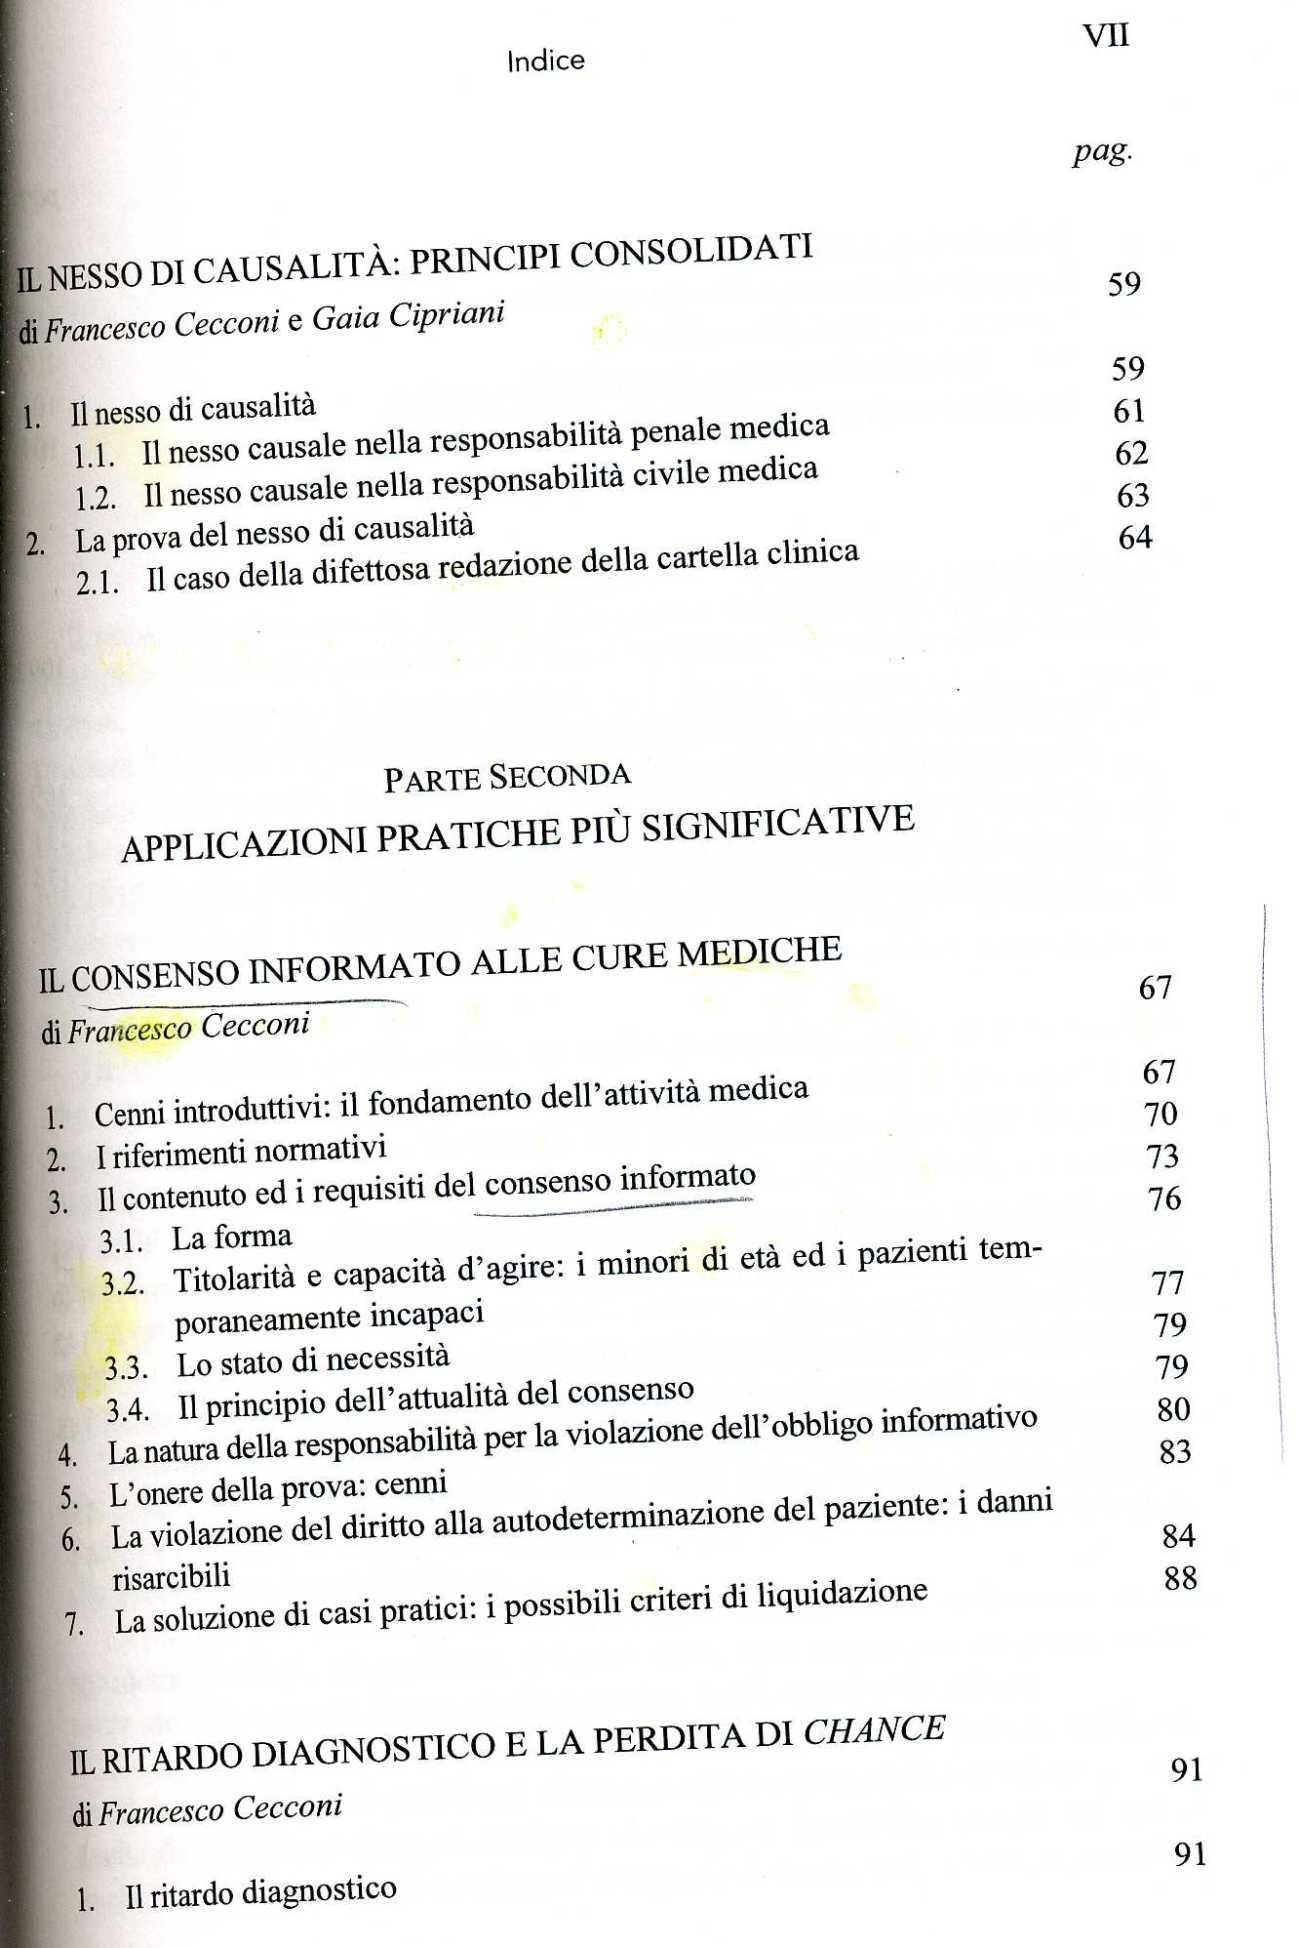 balduzzi3246